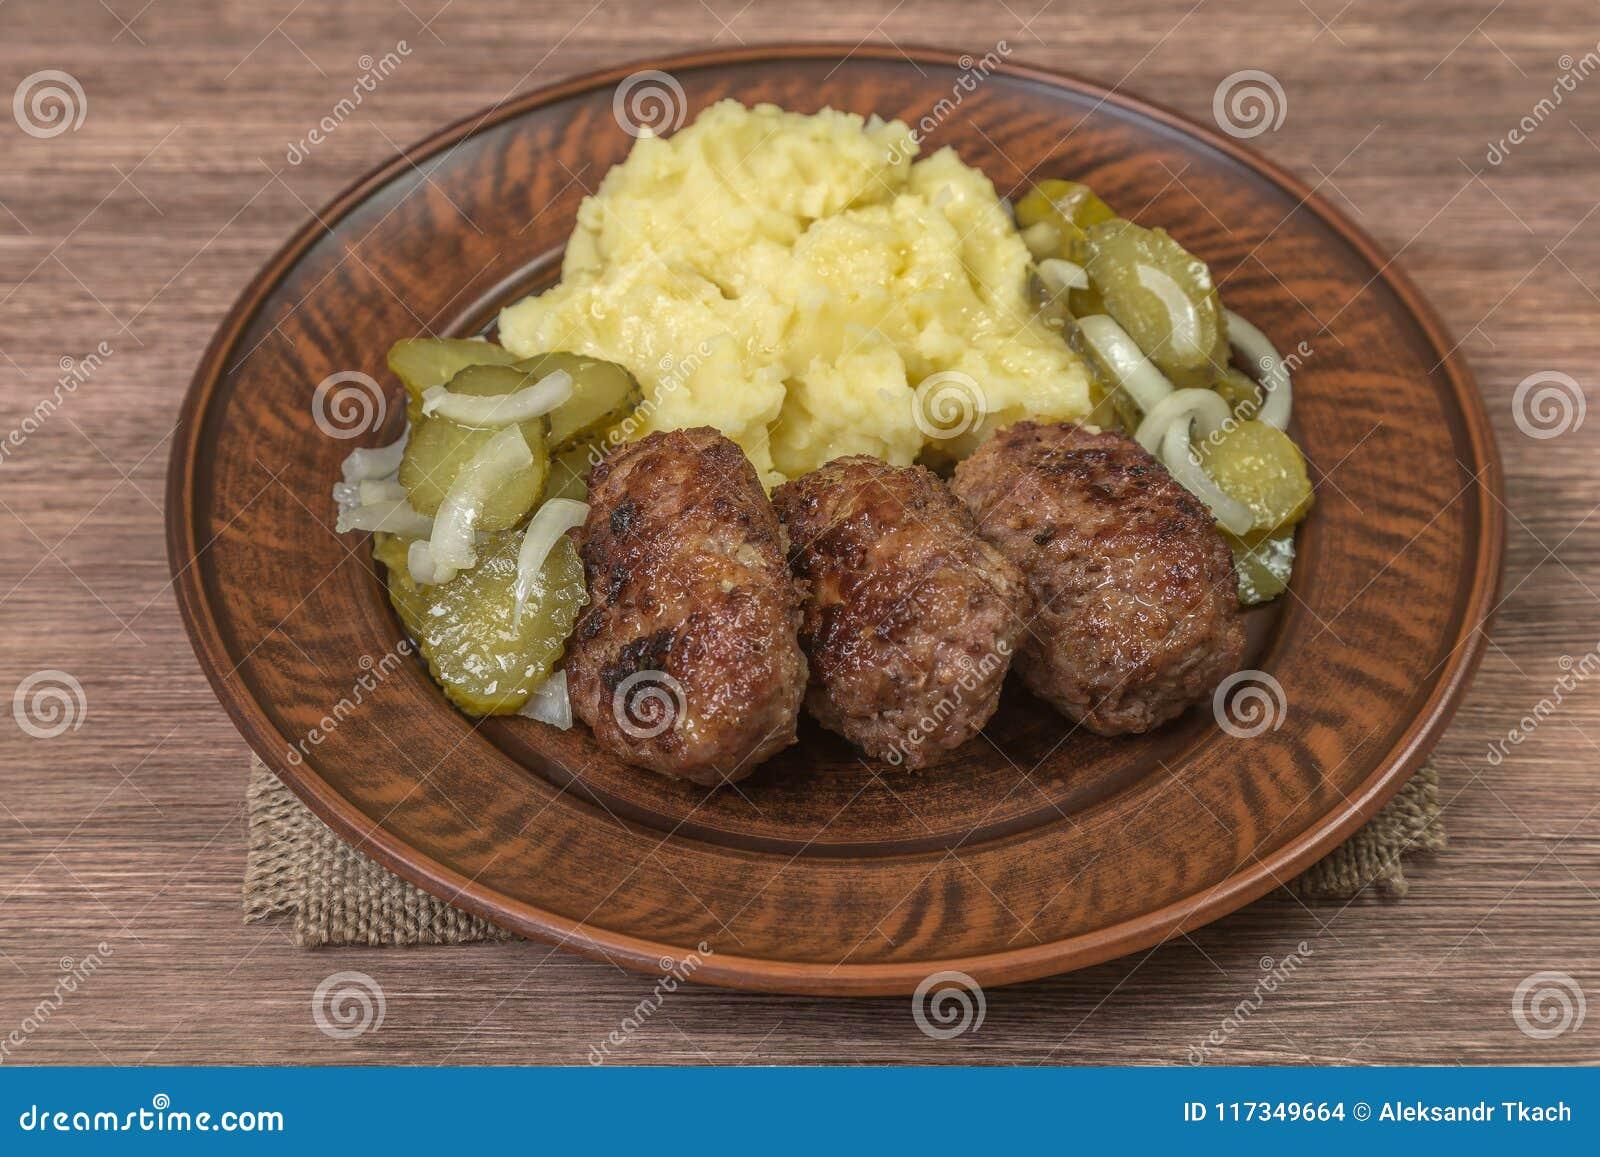 Domowej roboty cutlets mięso z puree ziemniaczane w ceramicznym naczyniu brąz